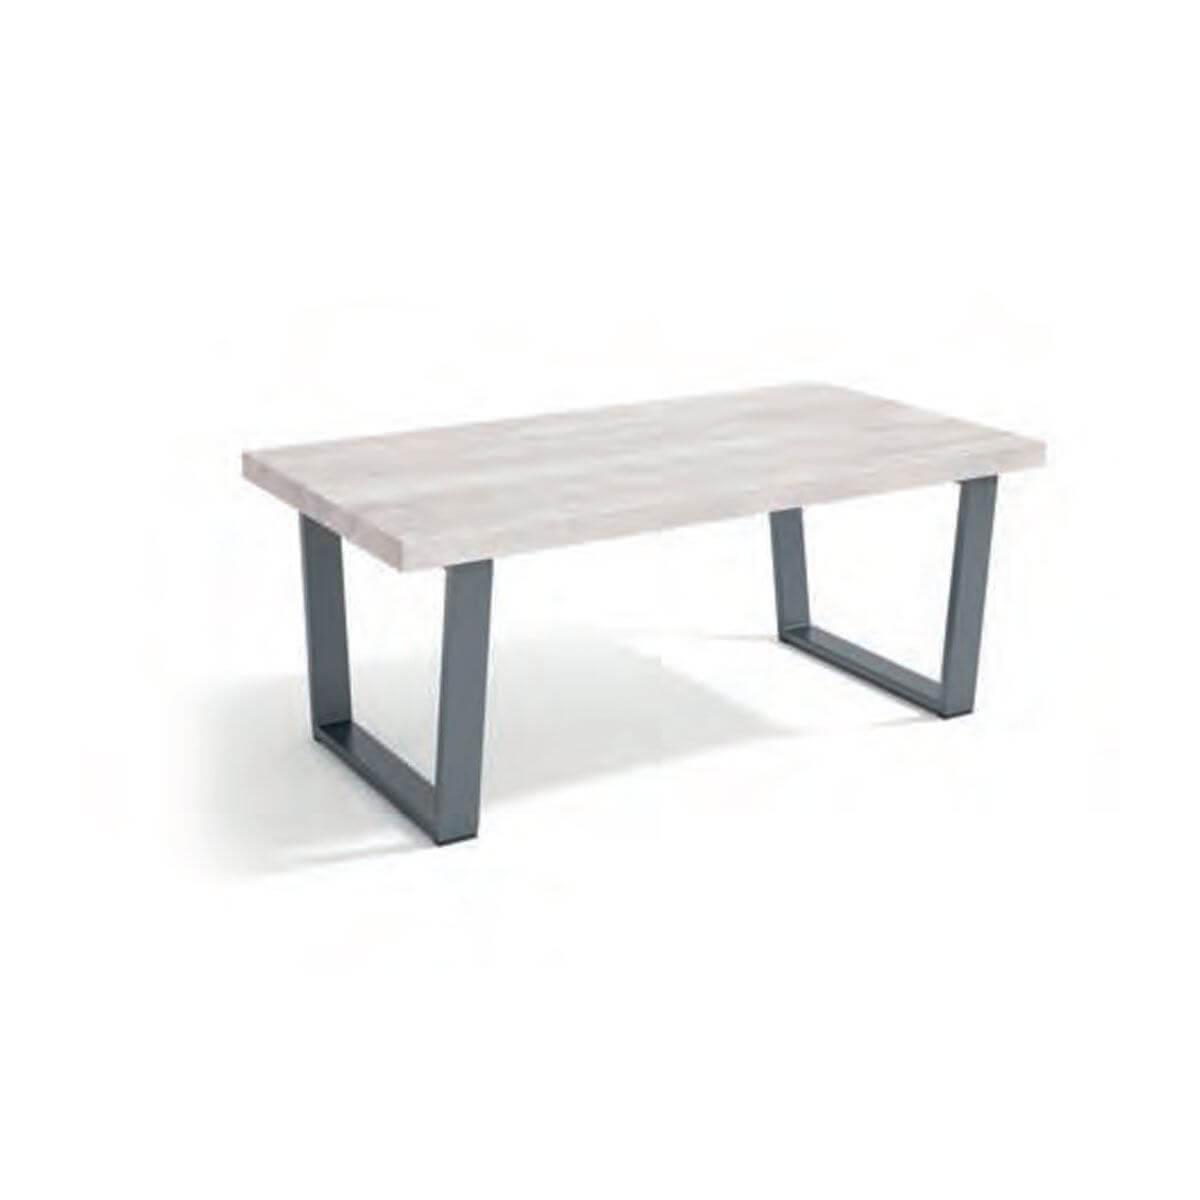 Mesa de centro industrial 110cm. Comprar mesas de centro ...